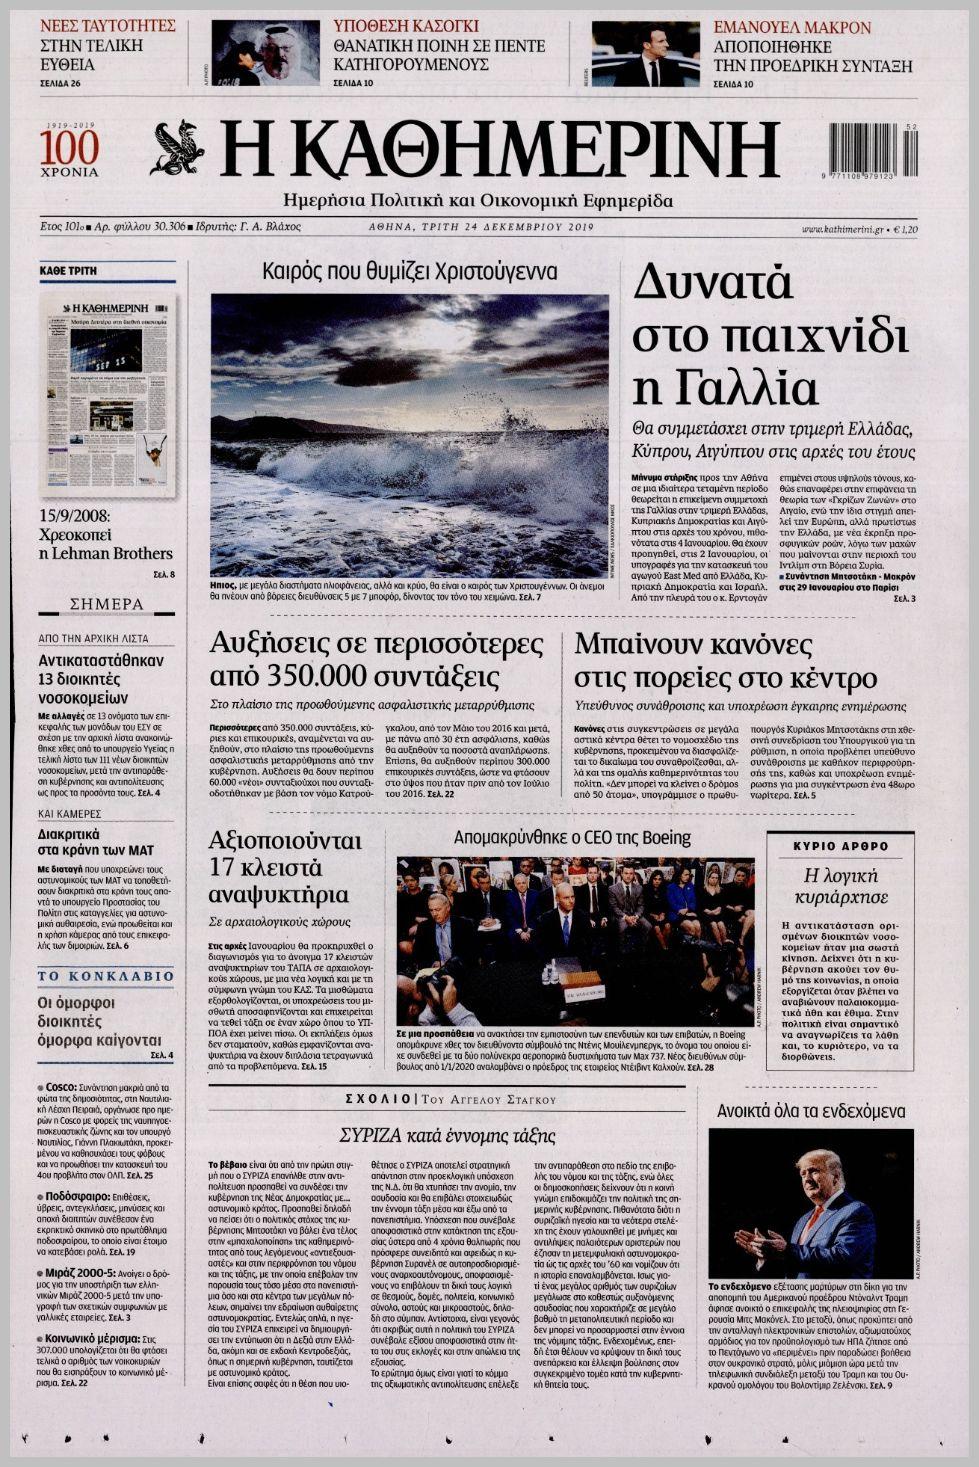 https://protoselida.24media.gr/images/2019/12/24/lrg/20191224_kathimerini_0506.jpg